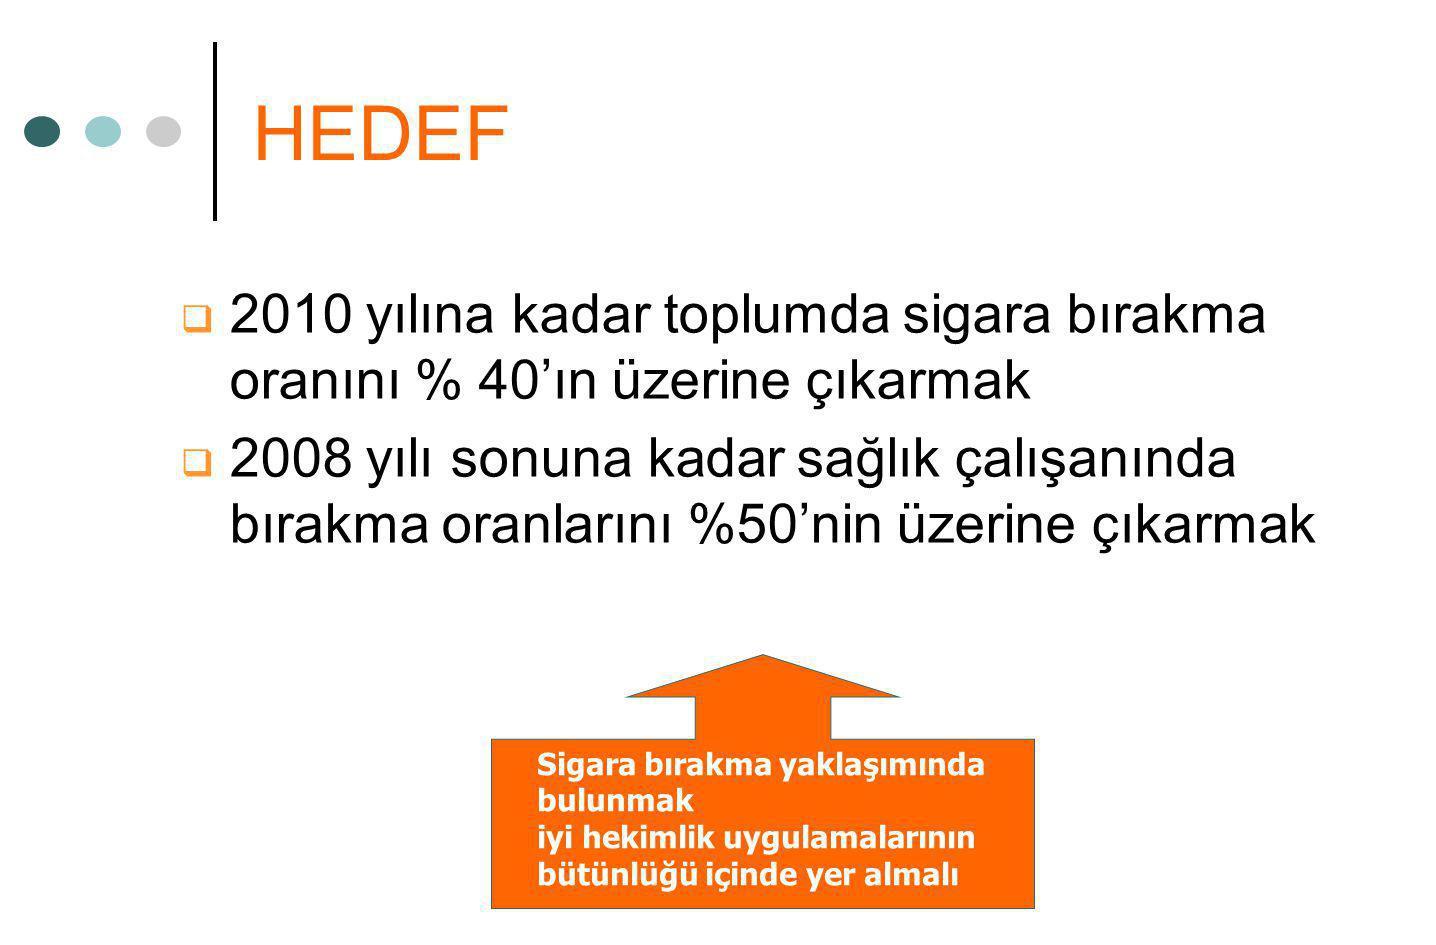 HEDEF  2010 yılına kadar toplumda sigara bırakma oranını % 40'ın üzerine çıkarmak  2008 yılı sonuna kadar sağlık çalışanında bırakma oranlarını %50'